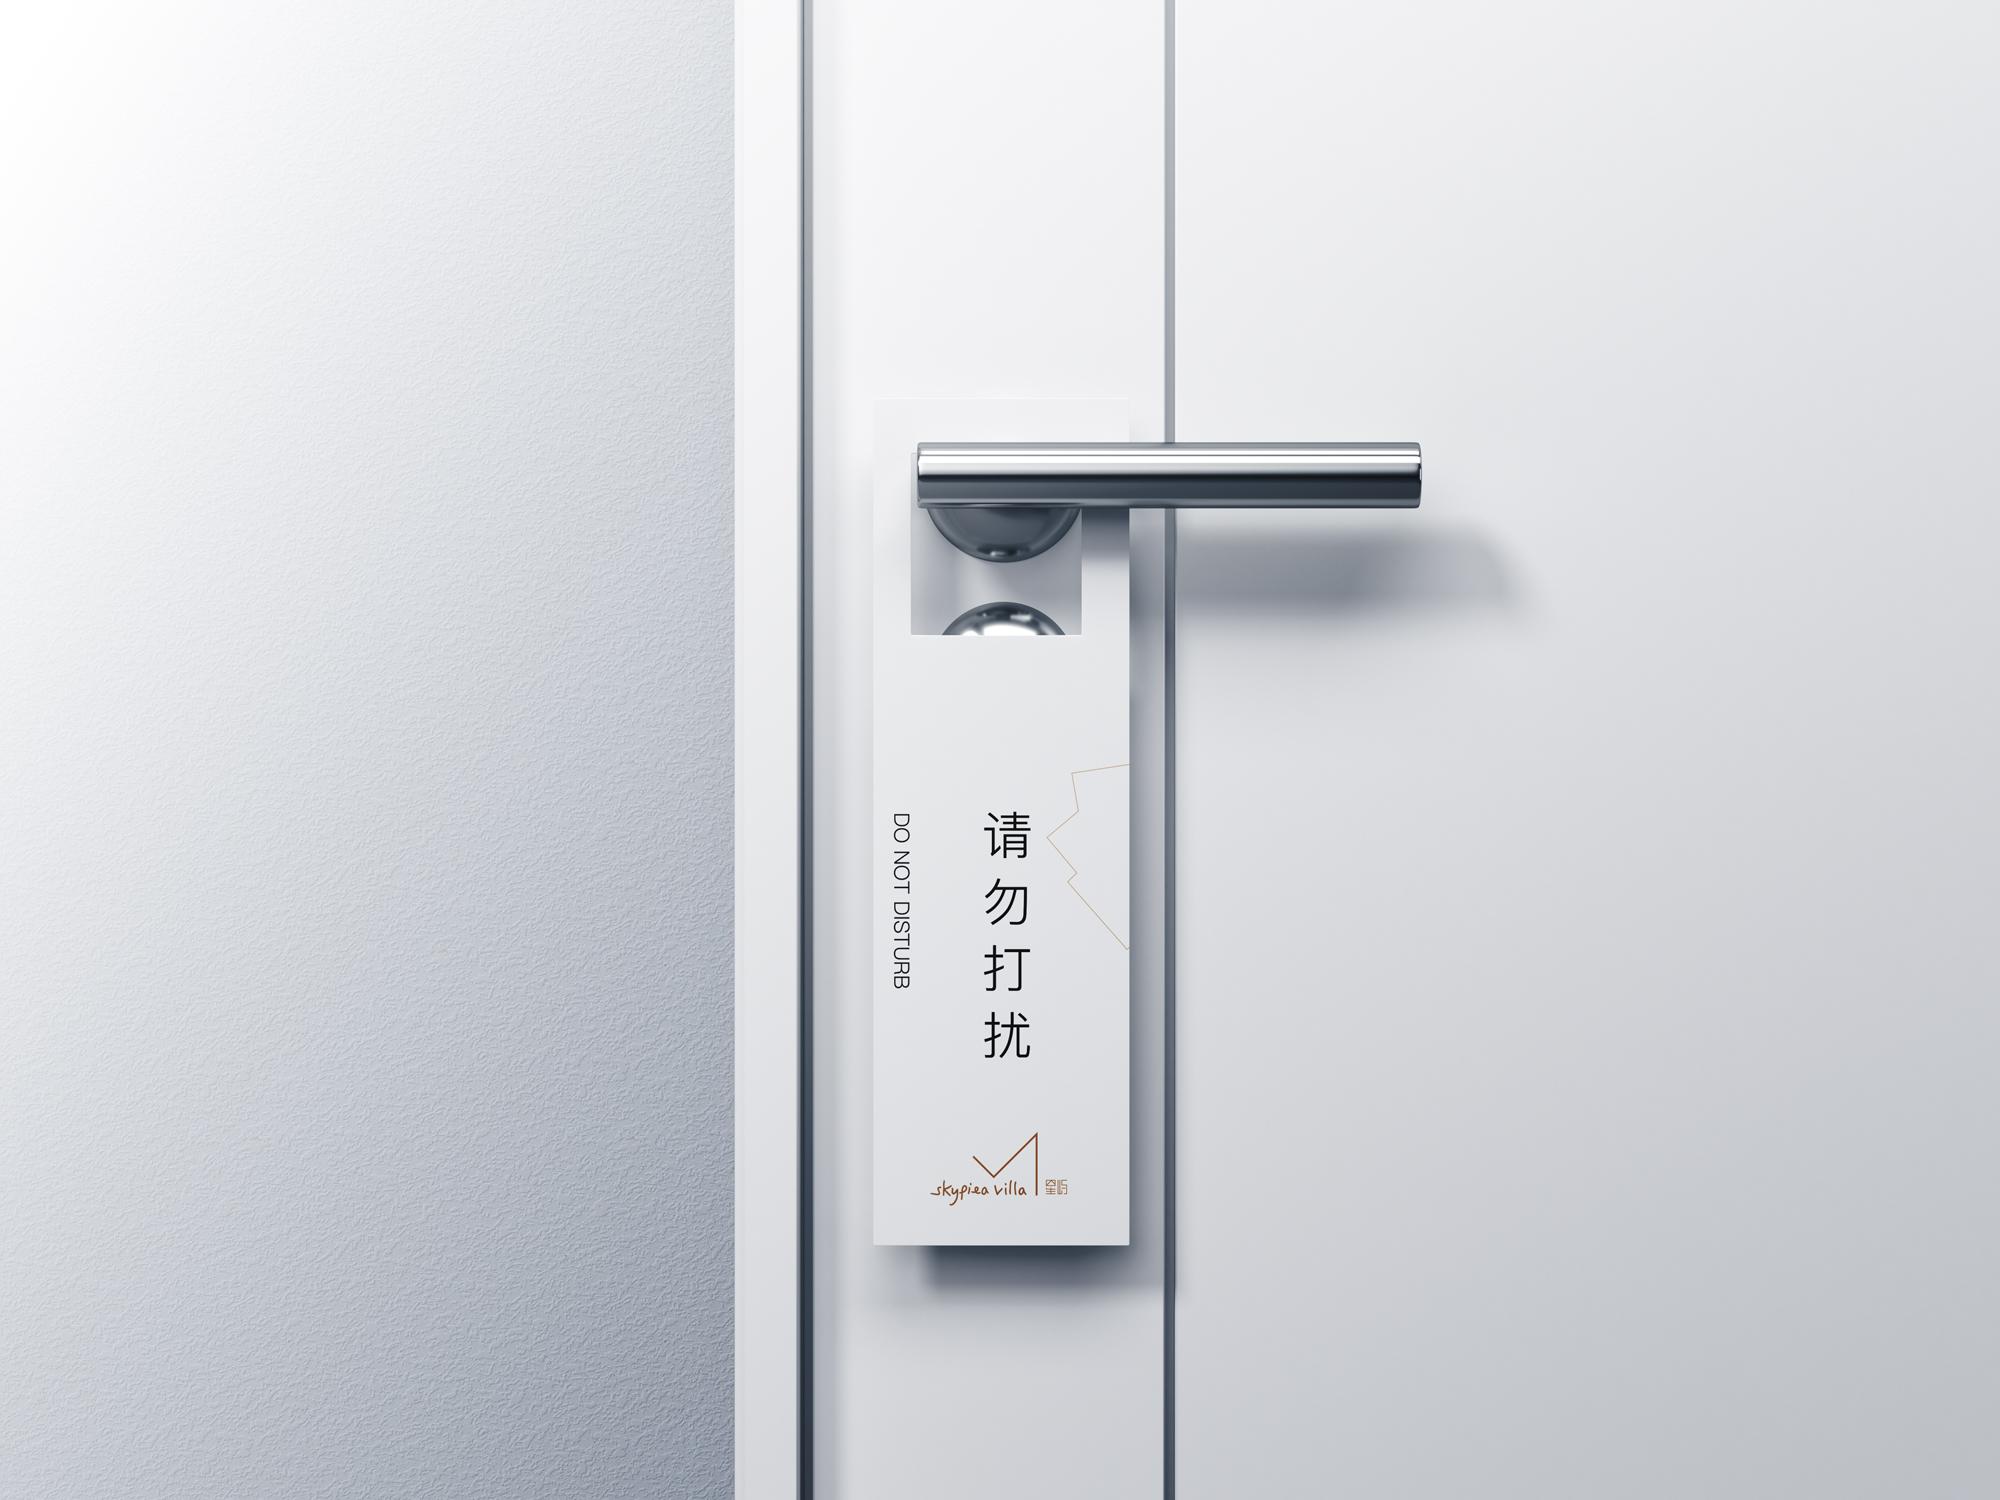 星屿民宿Skyprea | 时尚海景民宿-上海野火创意